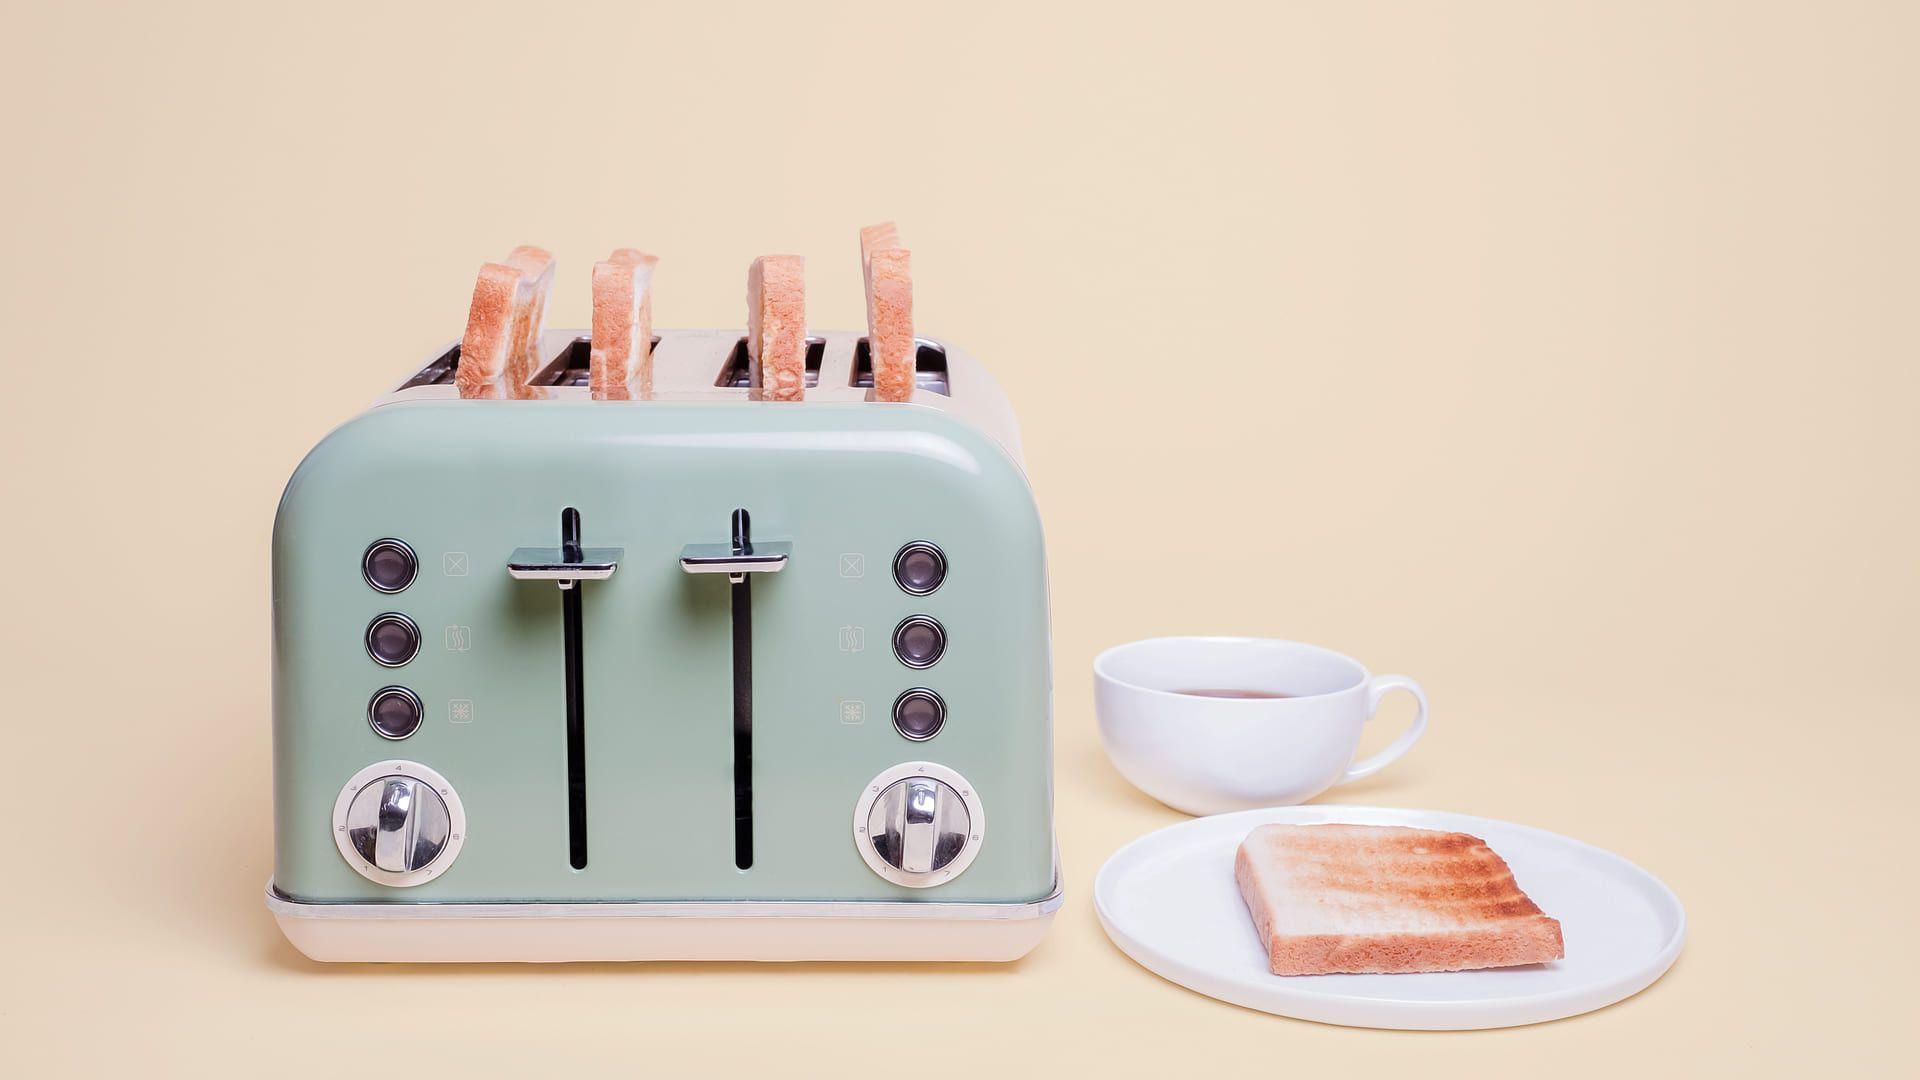 Confira qual torradeira elétrica é a melhor para sua família! (Imagem: Reprodução/Shutterstock)